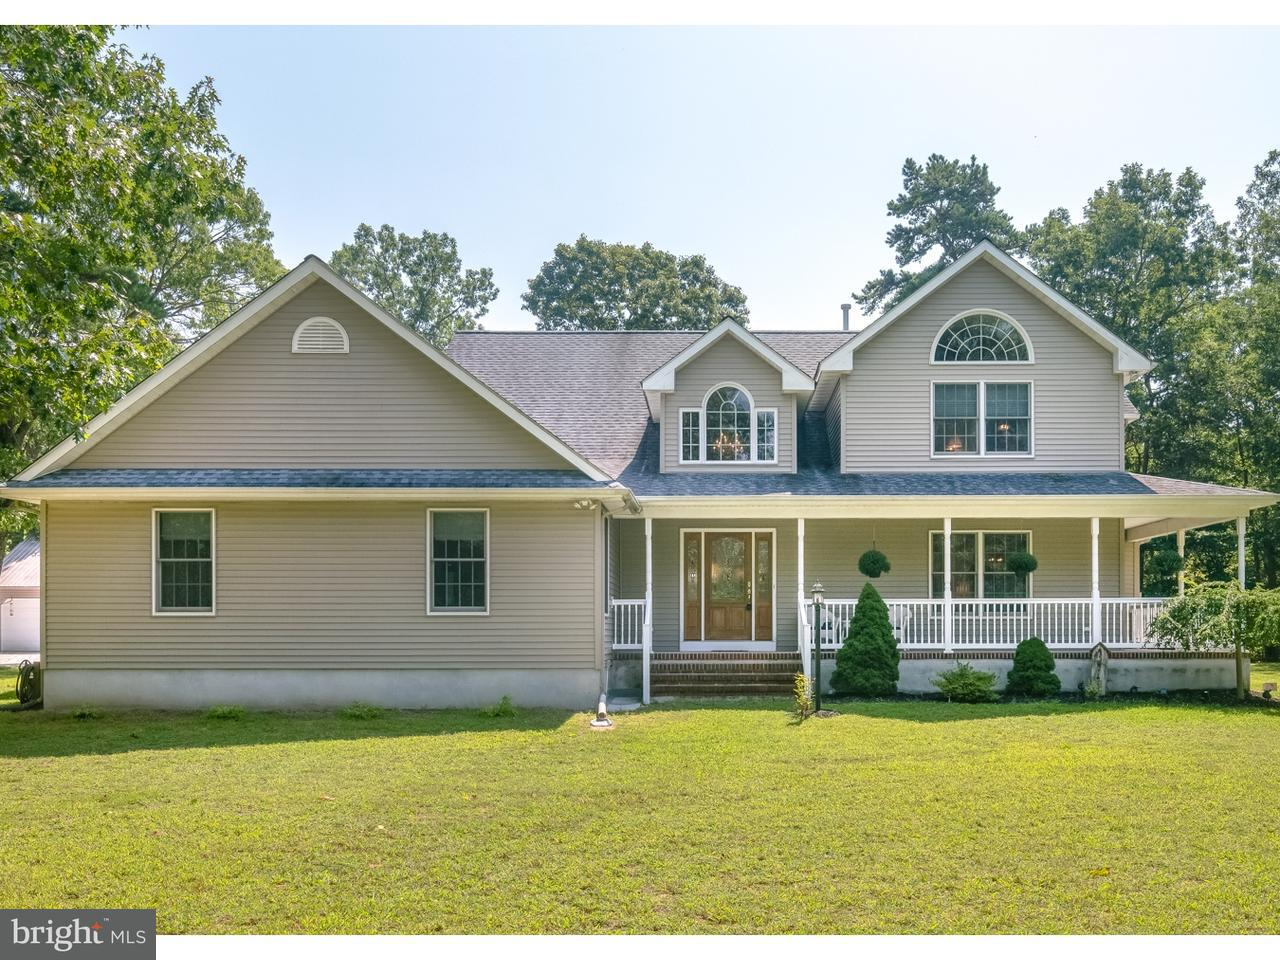 Maison unifamiliale pour l Vente à 174 WATSONS MILL Road Alloway, New Jersey 08318 États-Unis